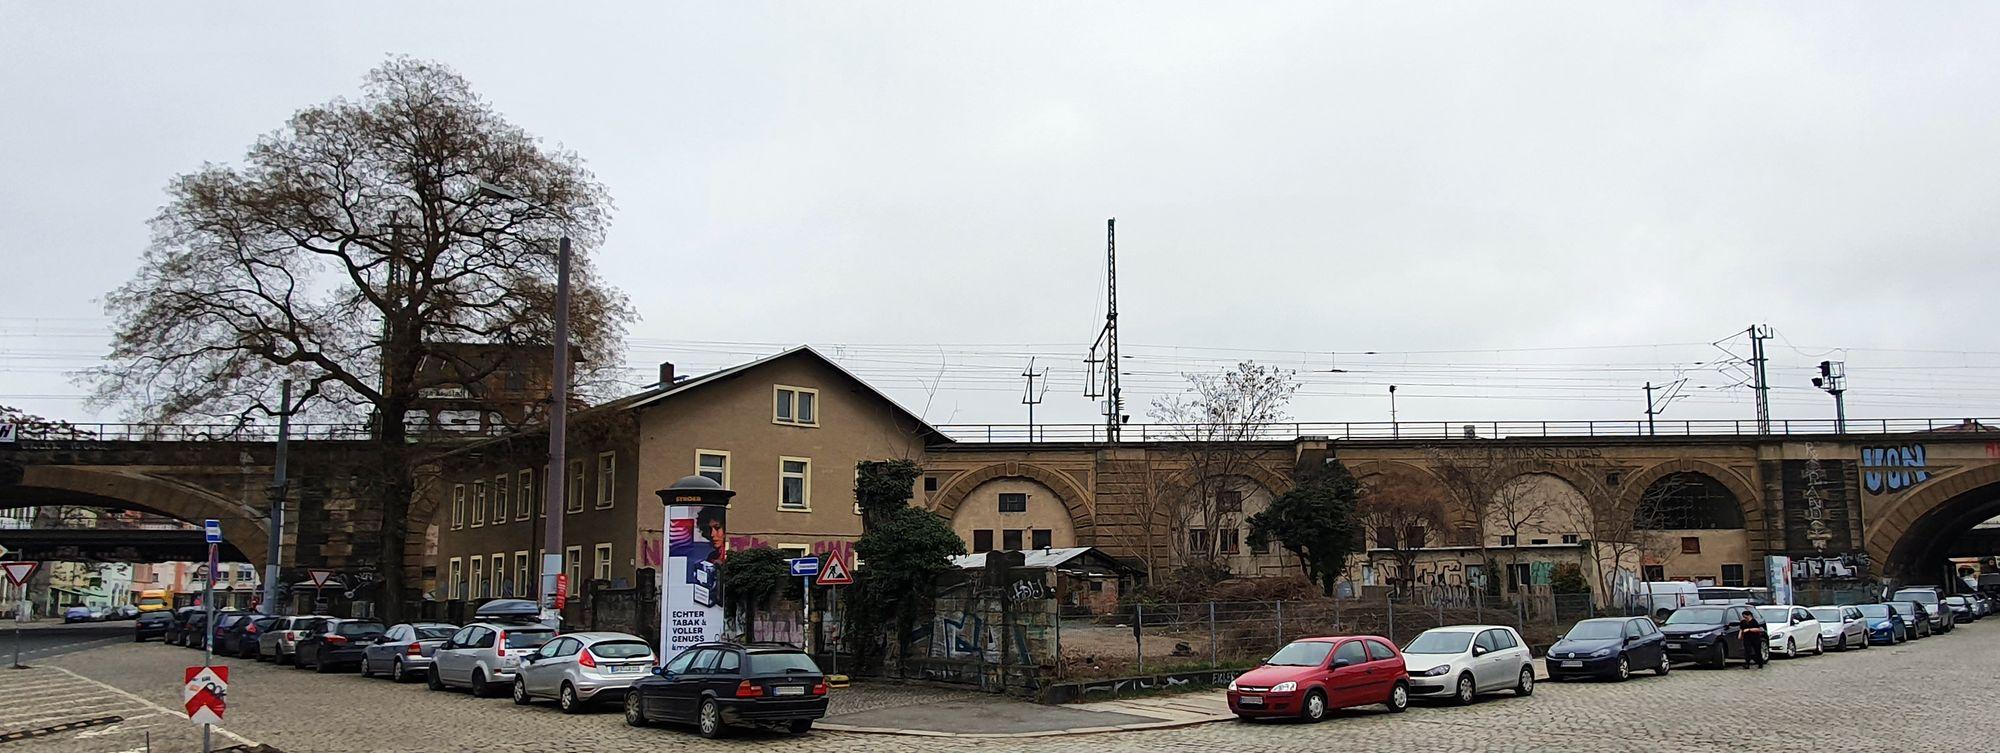 Auf dem alten Bahngelände am Bischofsplatz soll ein Biergarten entstehen.